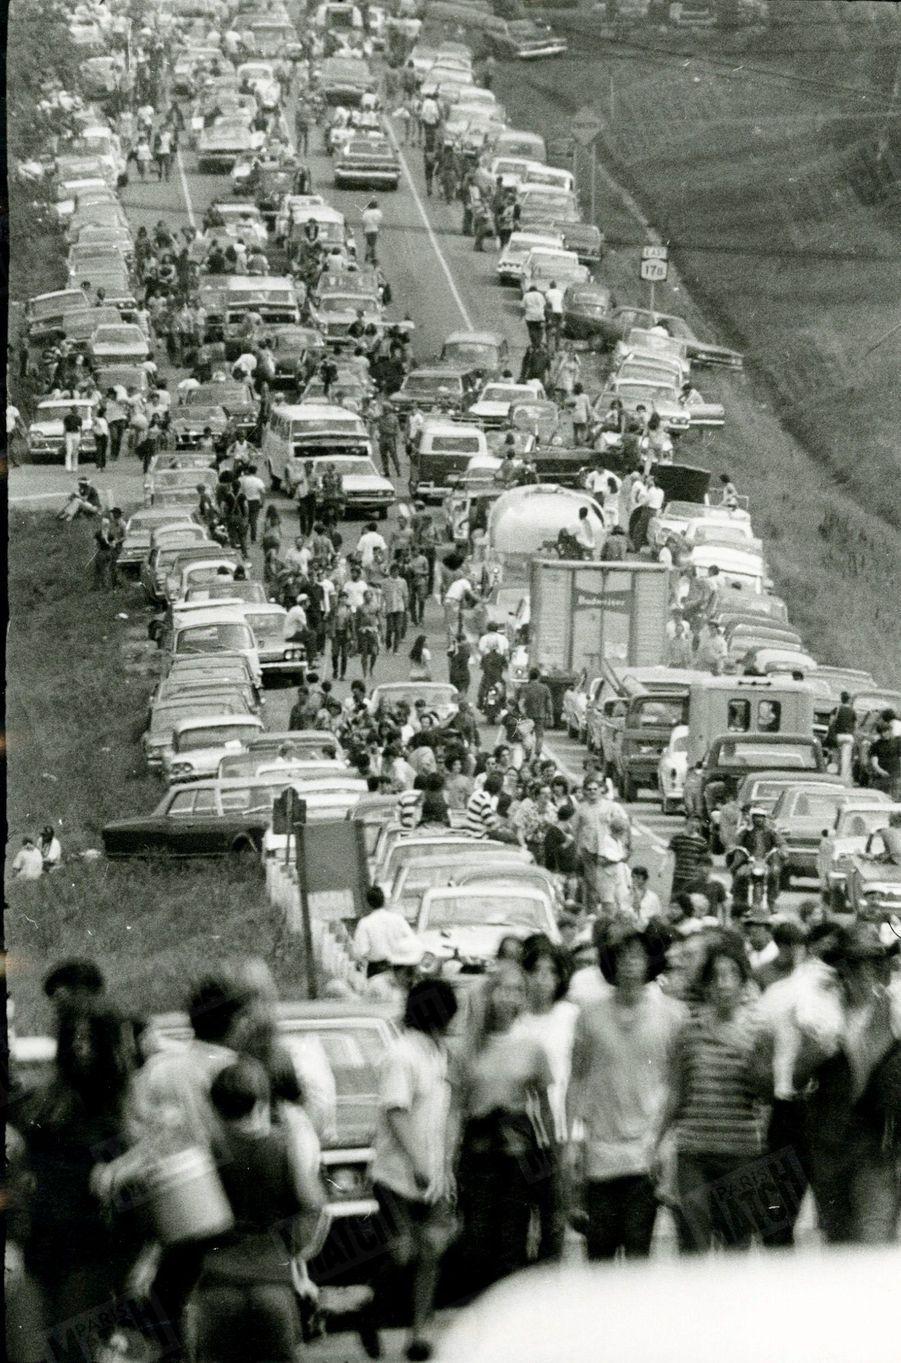 «A pied et en voiture, la clientèle bariolée de la nouvelle ruée vers le rock.» - Paris Match n°1060, 30 août 1969